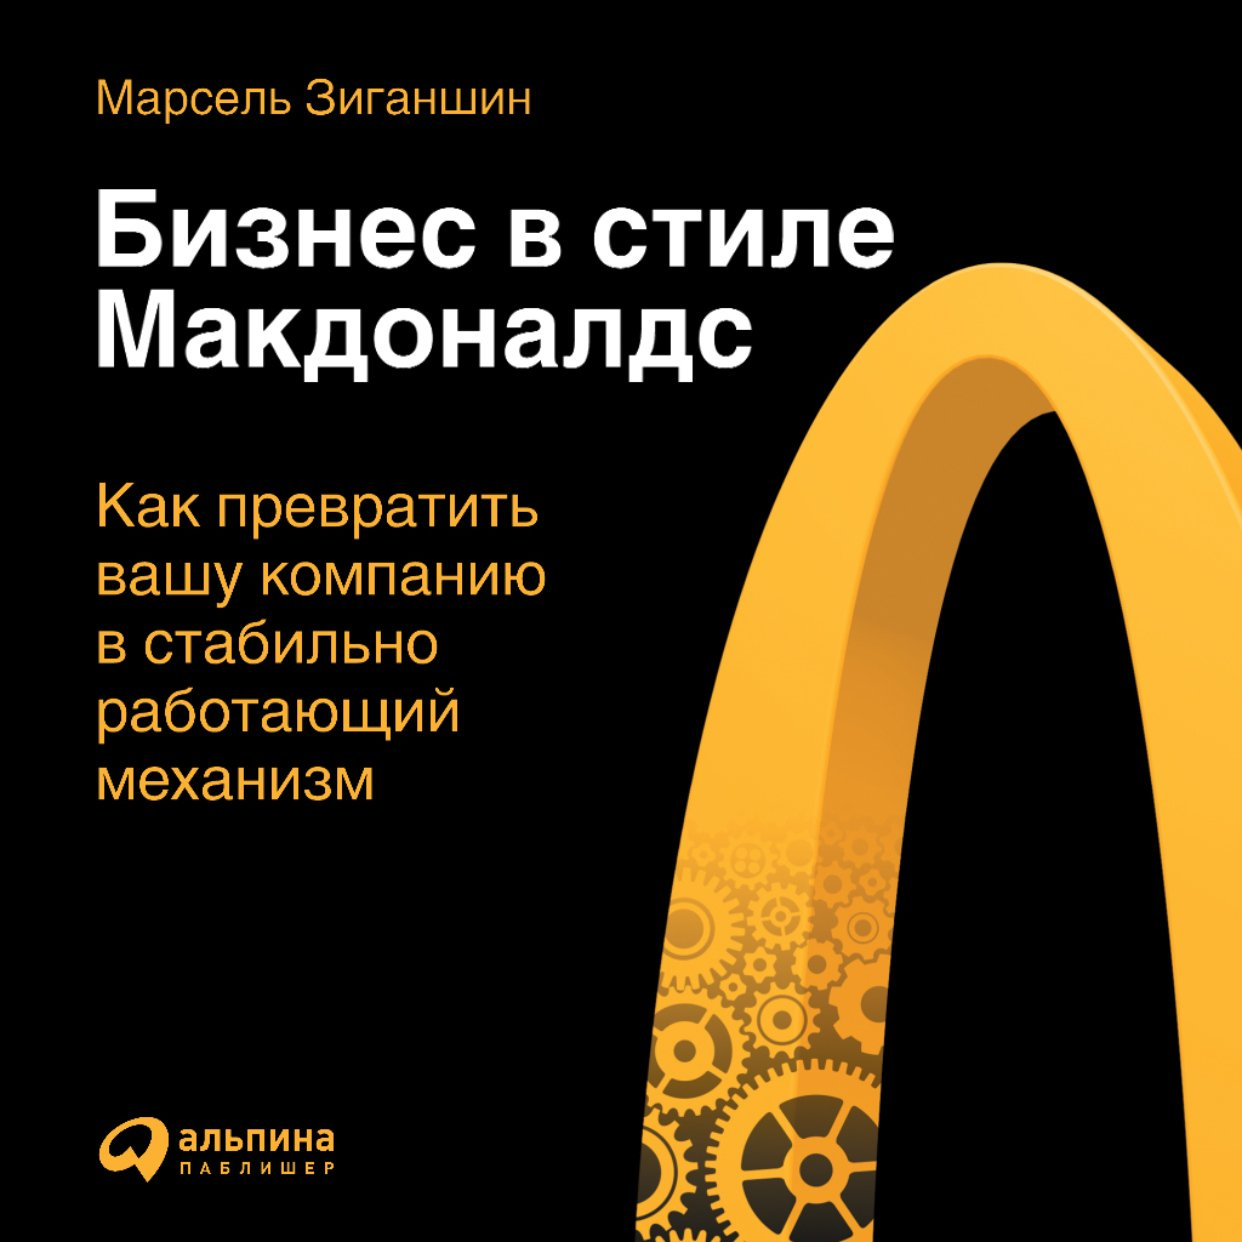 Бизнес в стиле «Макдоналдс»